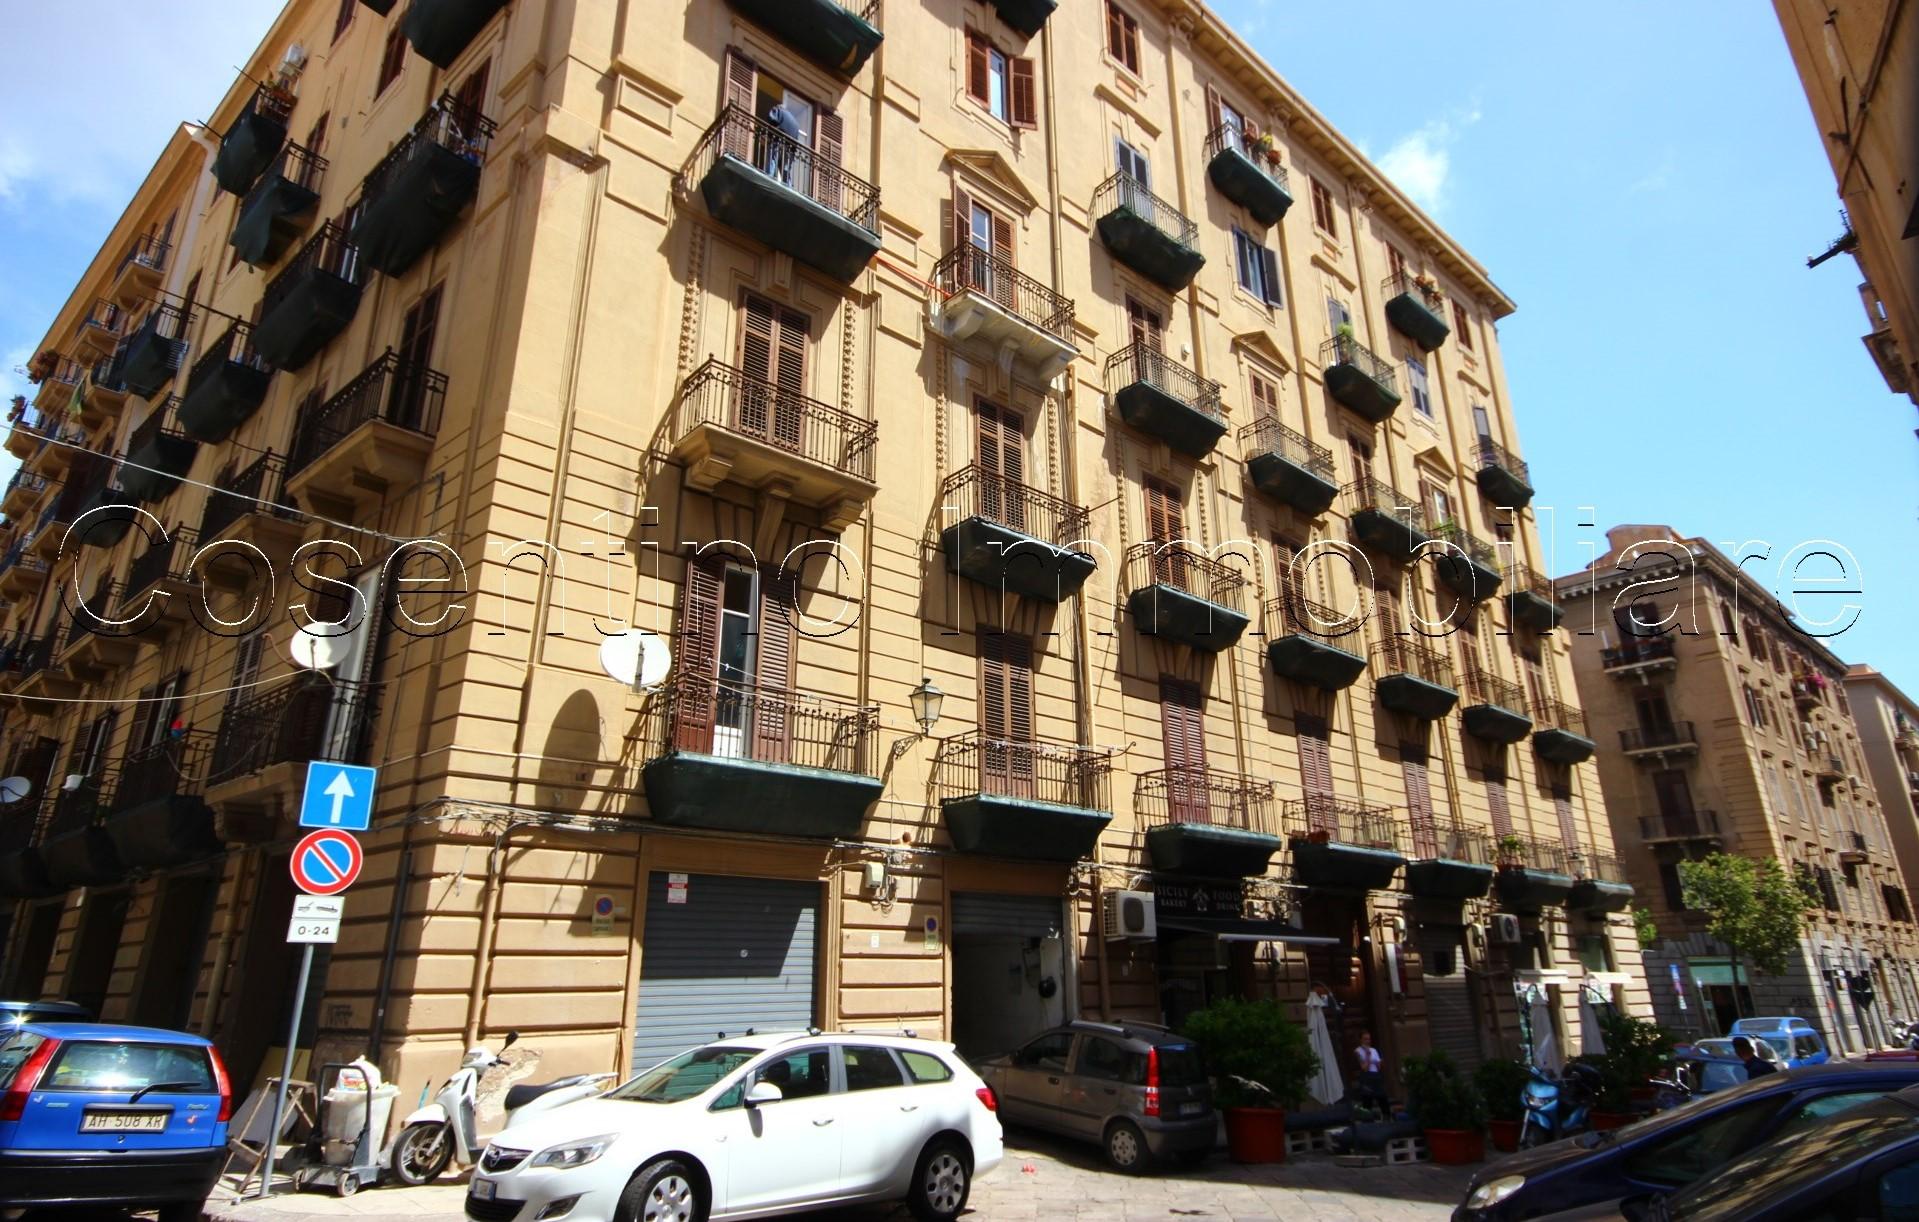 Via Roma – Via Santa Rosalia locale commerciale